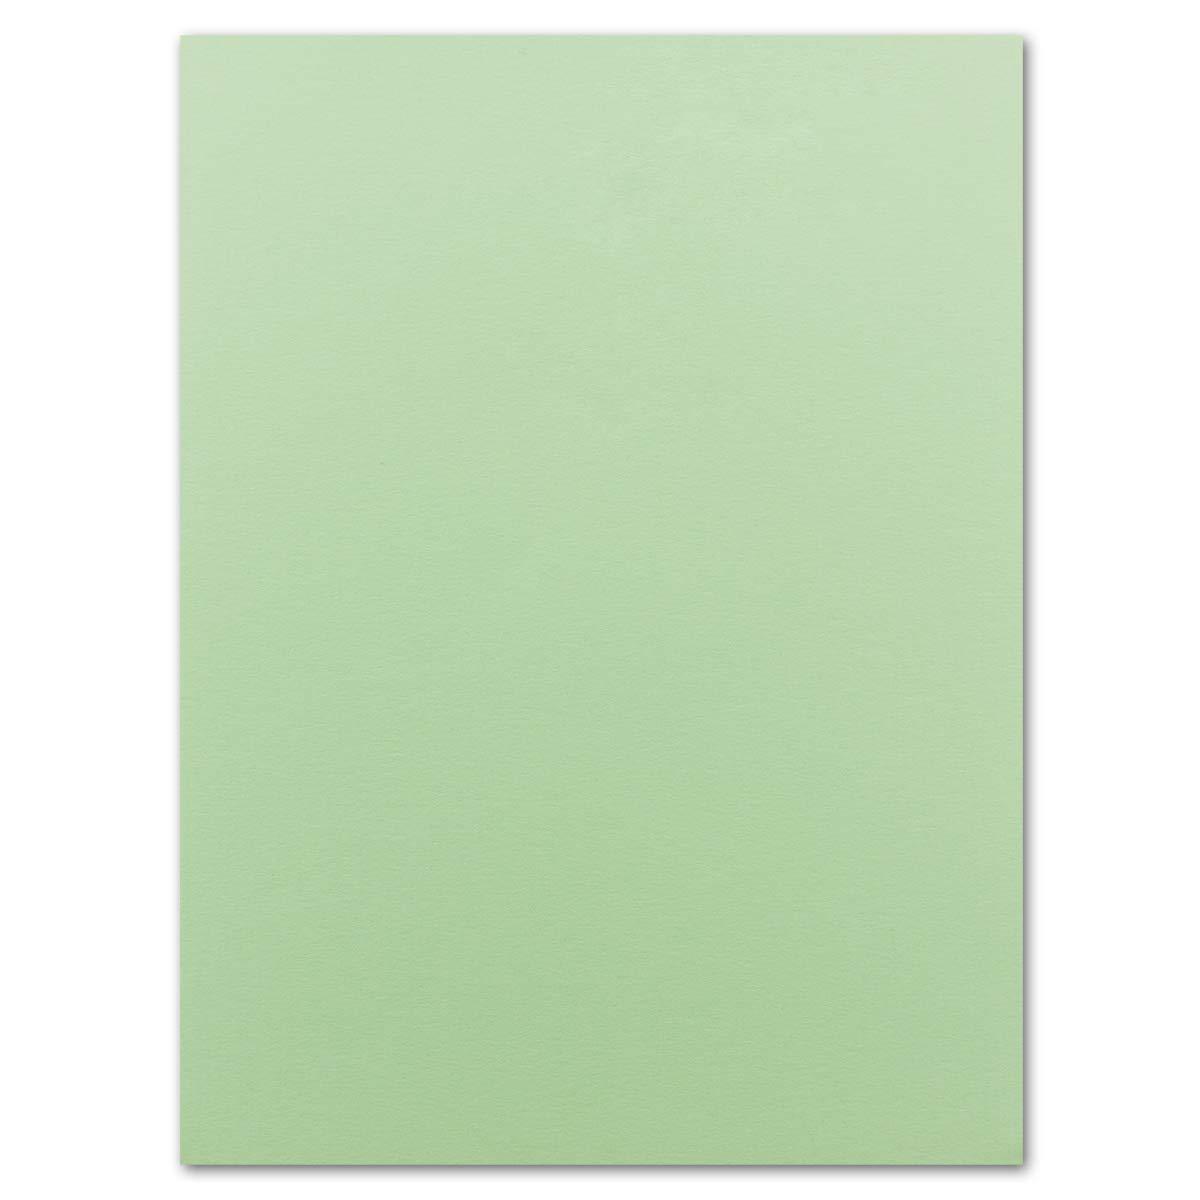 50 Blatt Ton-Karton DIN A4 - Farbe: Olivgrün -Ton-Papier 160 g/m² Gerippte Oberfläche - Ton-Zeichen-Papier Bastel-Papier Bastel-Karton - Glüxx-Agent Glüxx-Agent